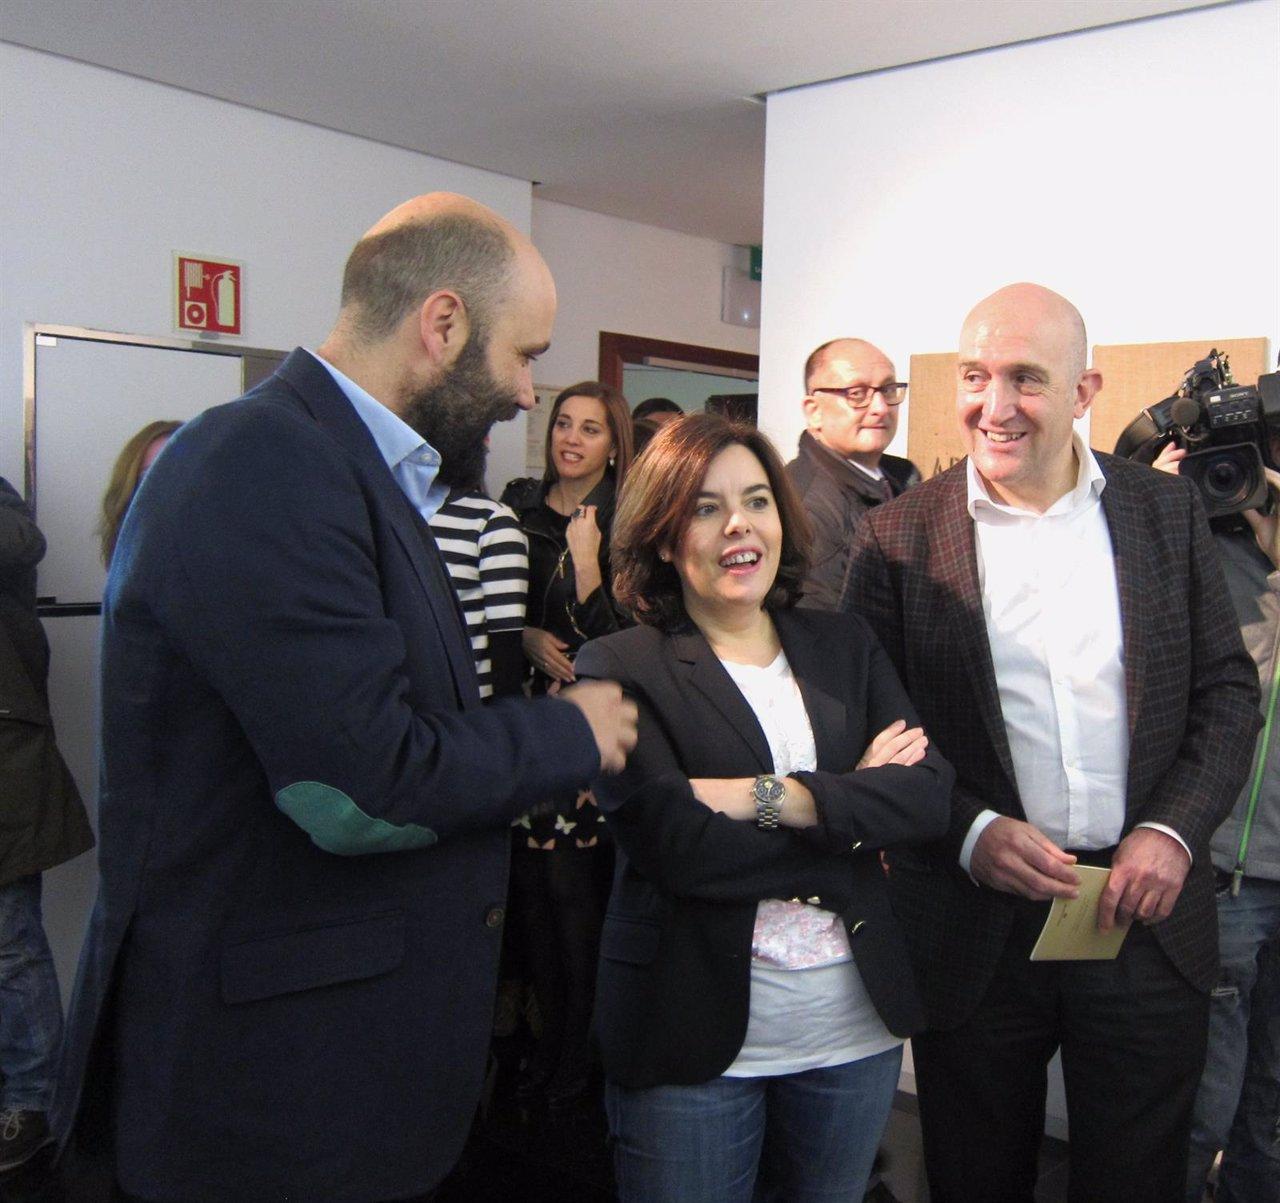 David del Cura, Sáenz de Santamaría y Carnero visitan la exposición